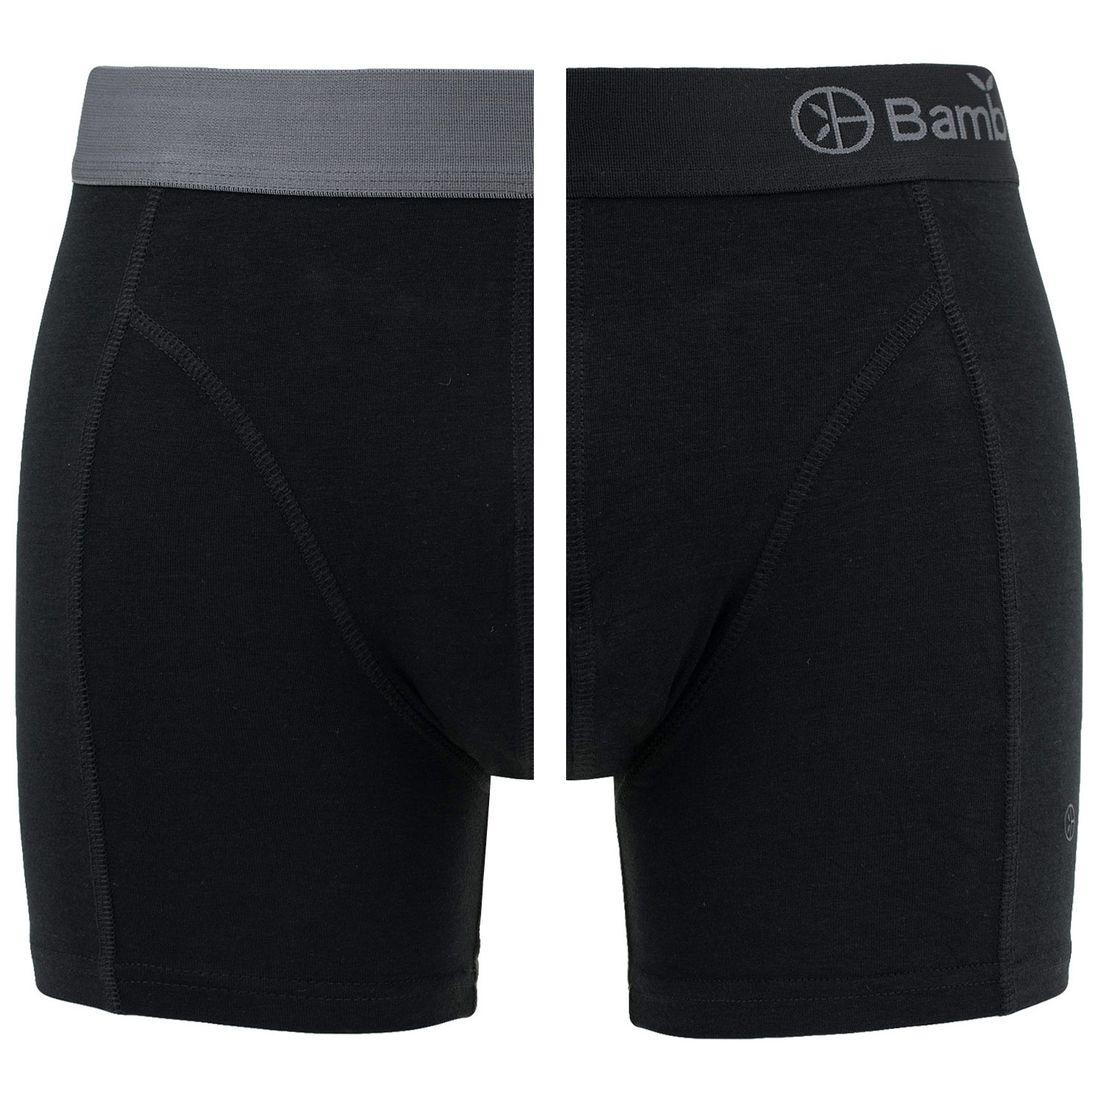 Afbeelding van Bamboo Basics boxers levi 2 pack zwart & grijs heren